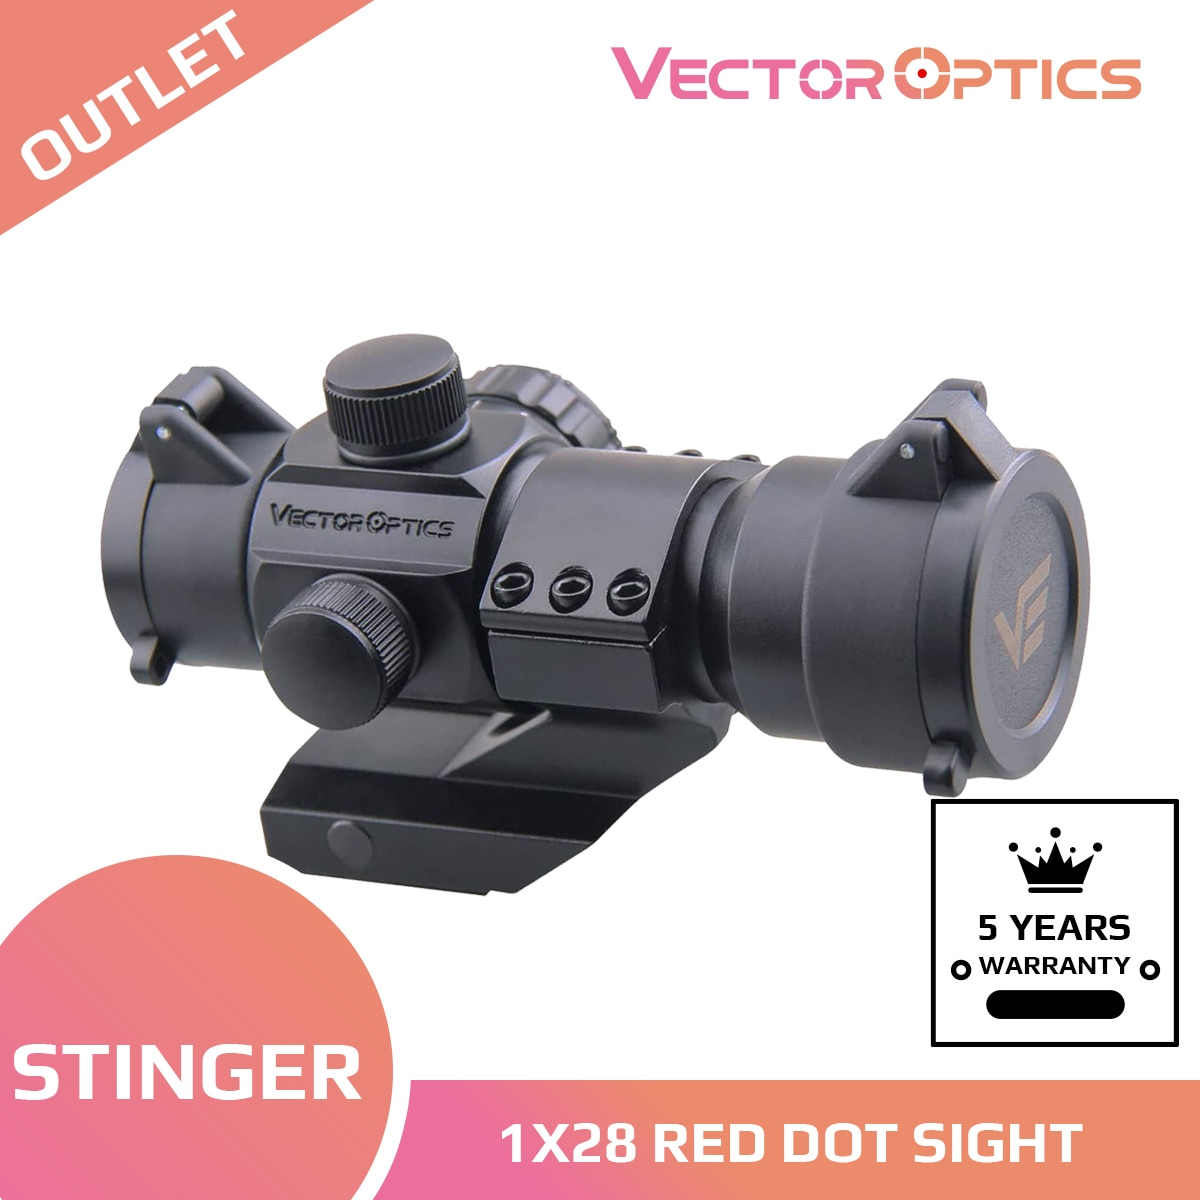 Оптический прицел для охоты, Коллиматорный прицел с красной и зеленой точкой, 5 уровней, 1x28